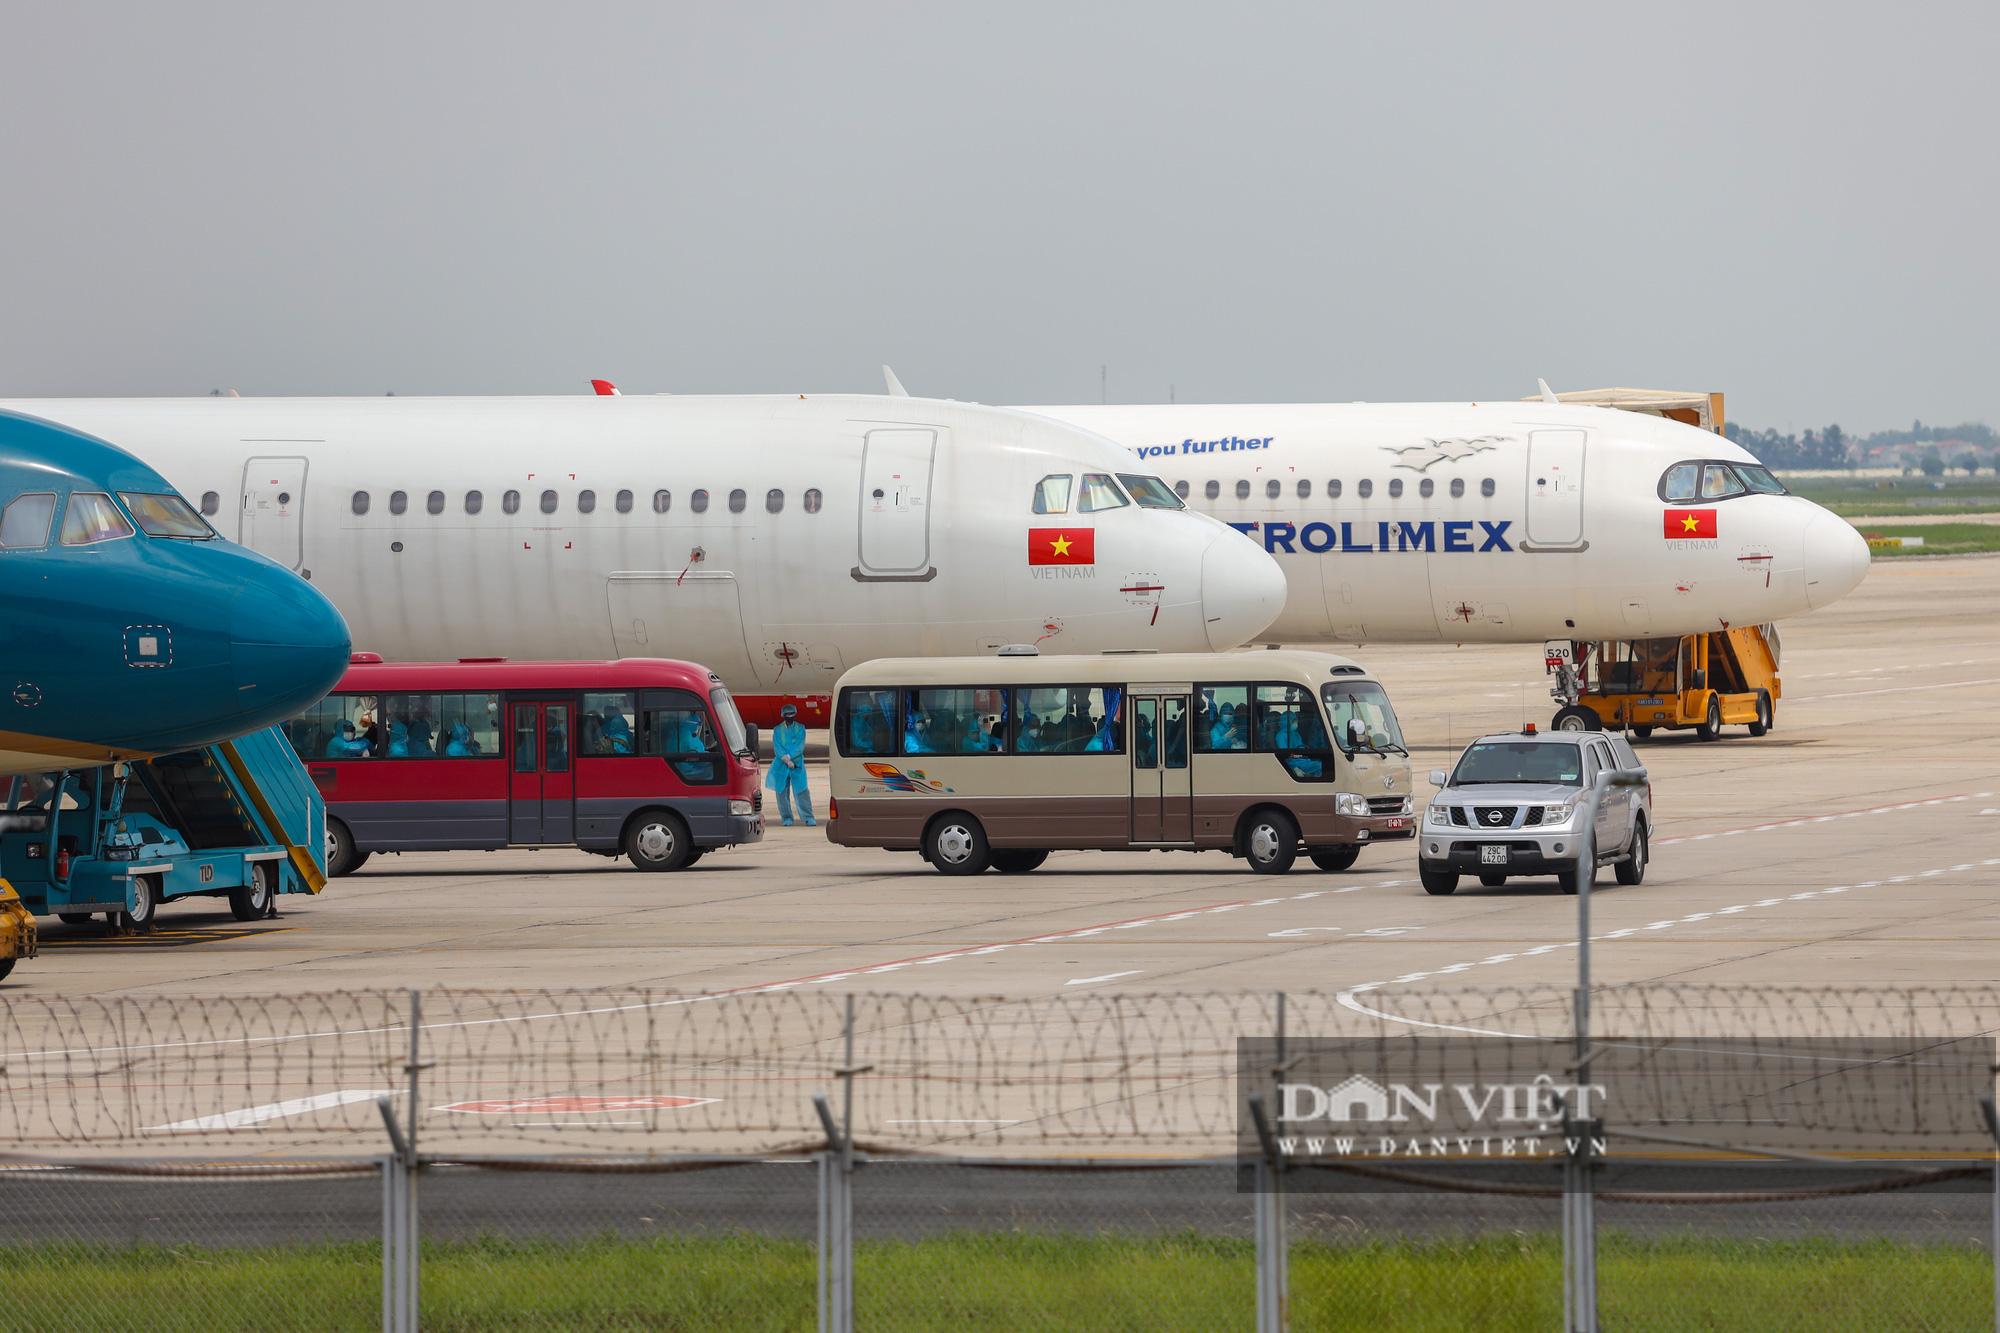 Chuyến bay đặc biệt đưa 207 người mắc kẹt ở Đà Nẵng về Hà Nội - Ảnh 3.